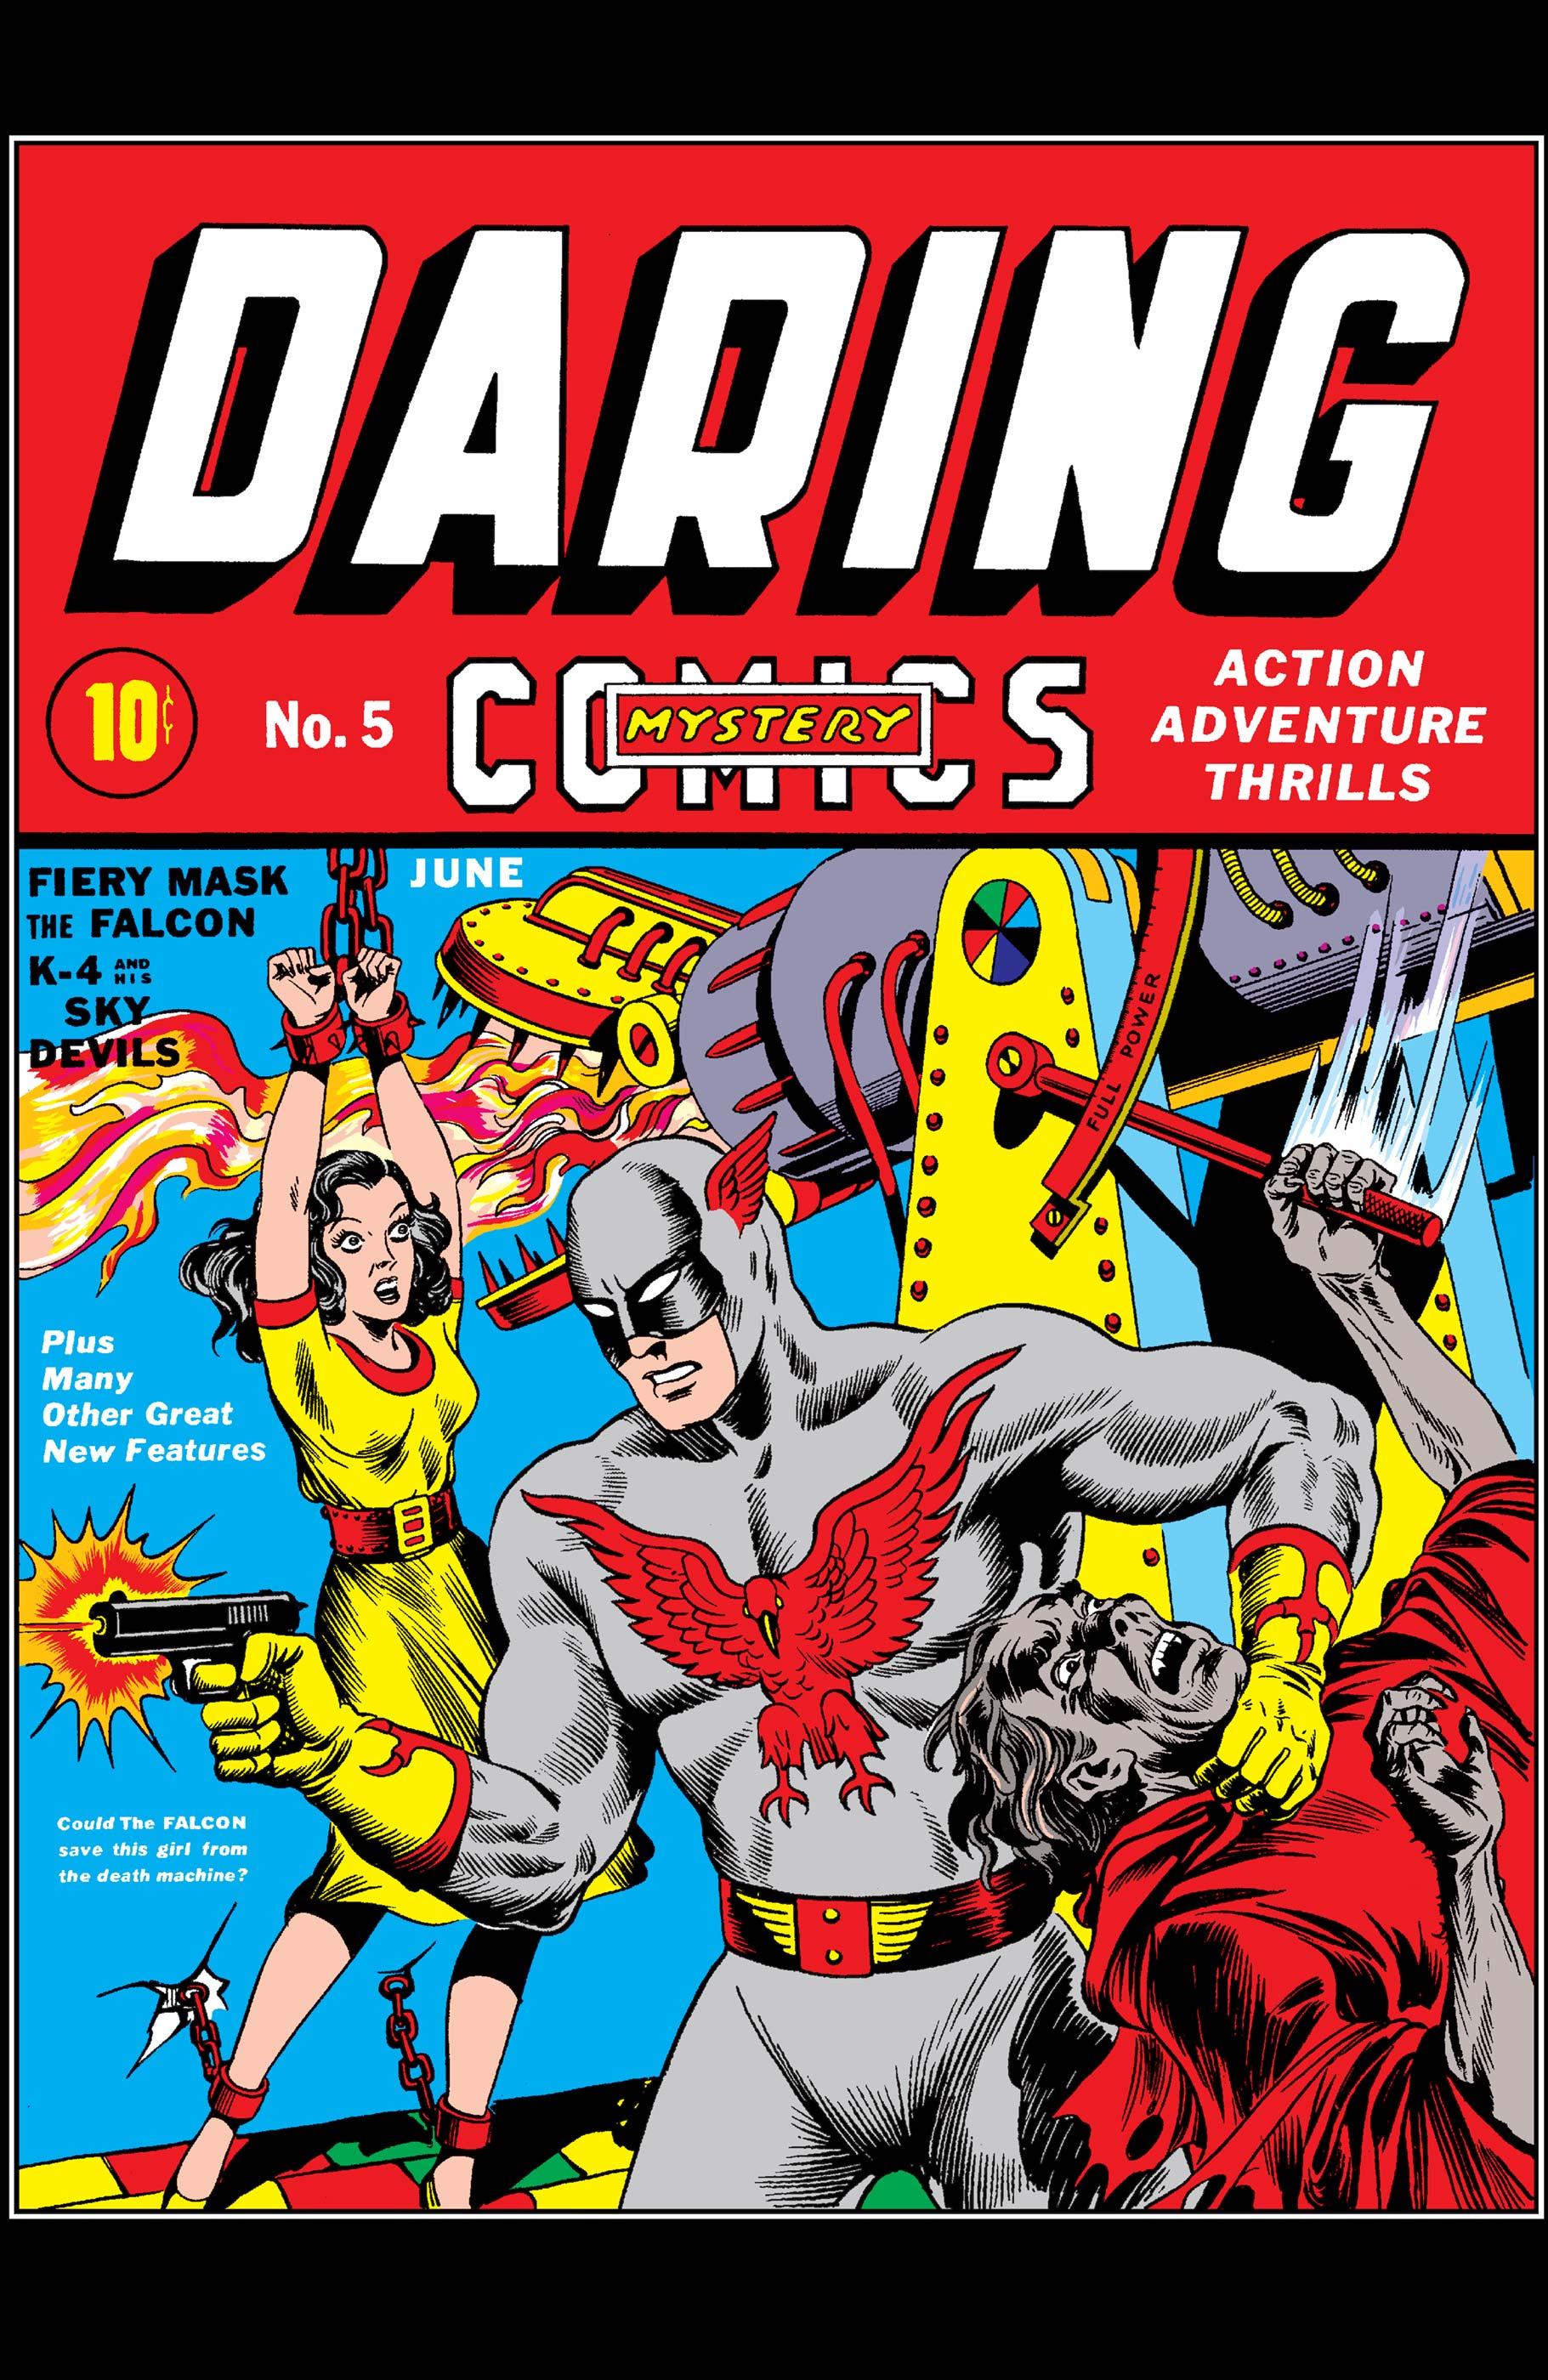 Daring Mystery Comics (1940) #5